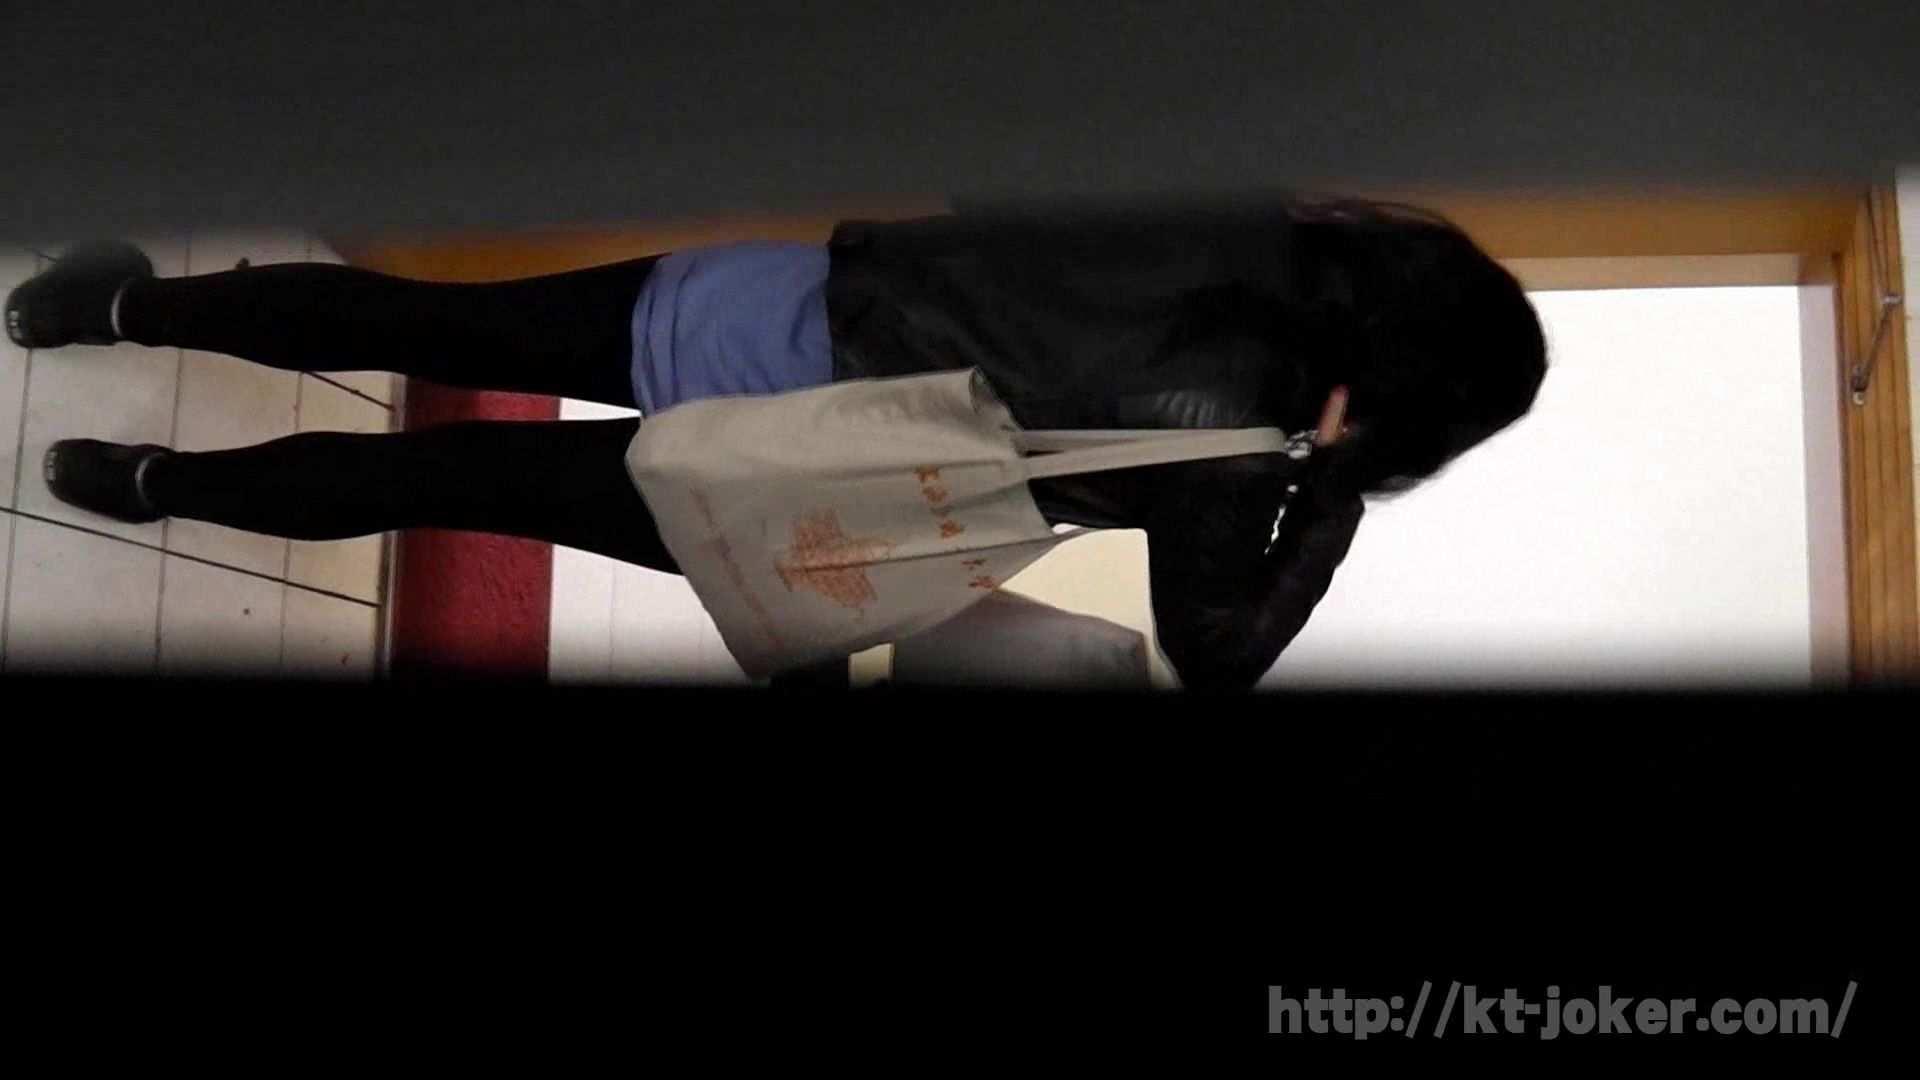 命がけ潜伏洗面所! vol.48 突入最前線!おまけ付き 洗面所 おまんこ動画流出 103PIX 11